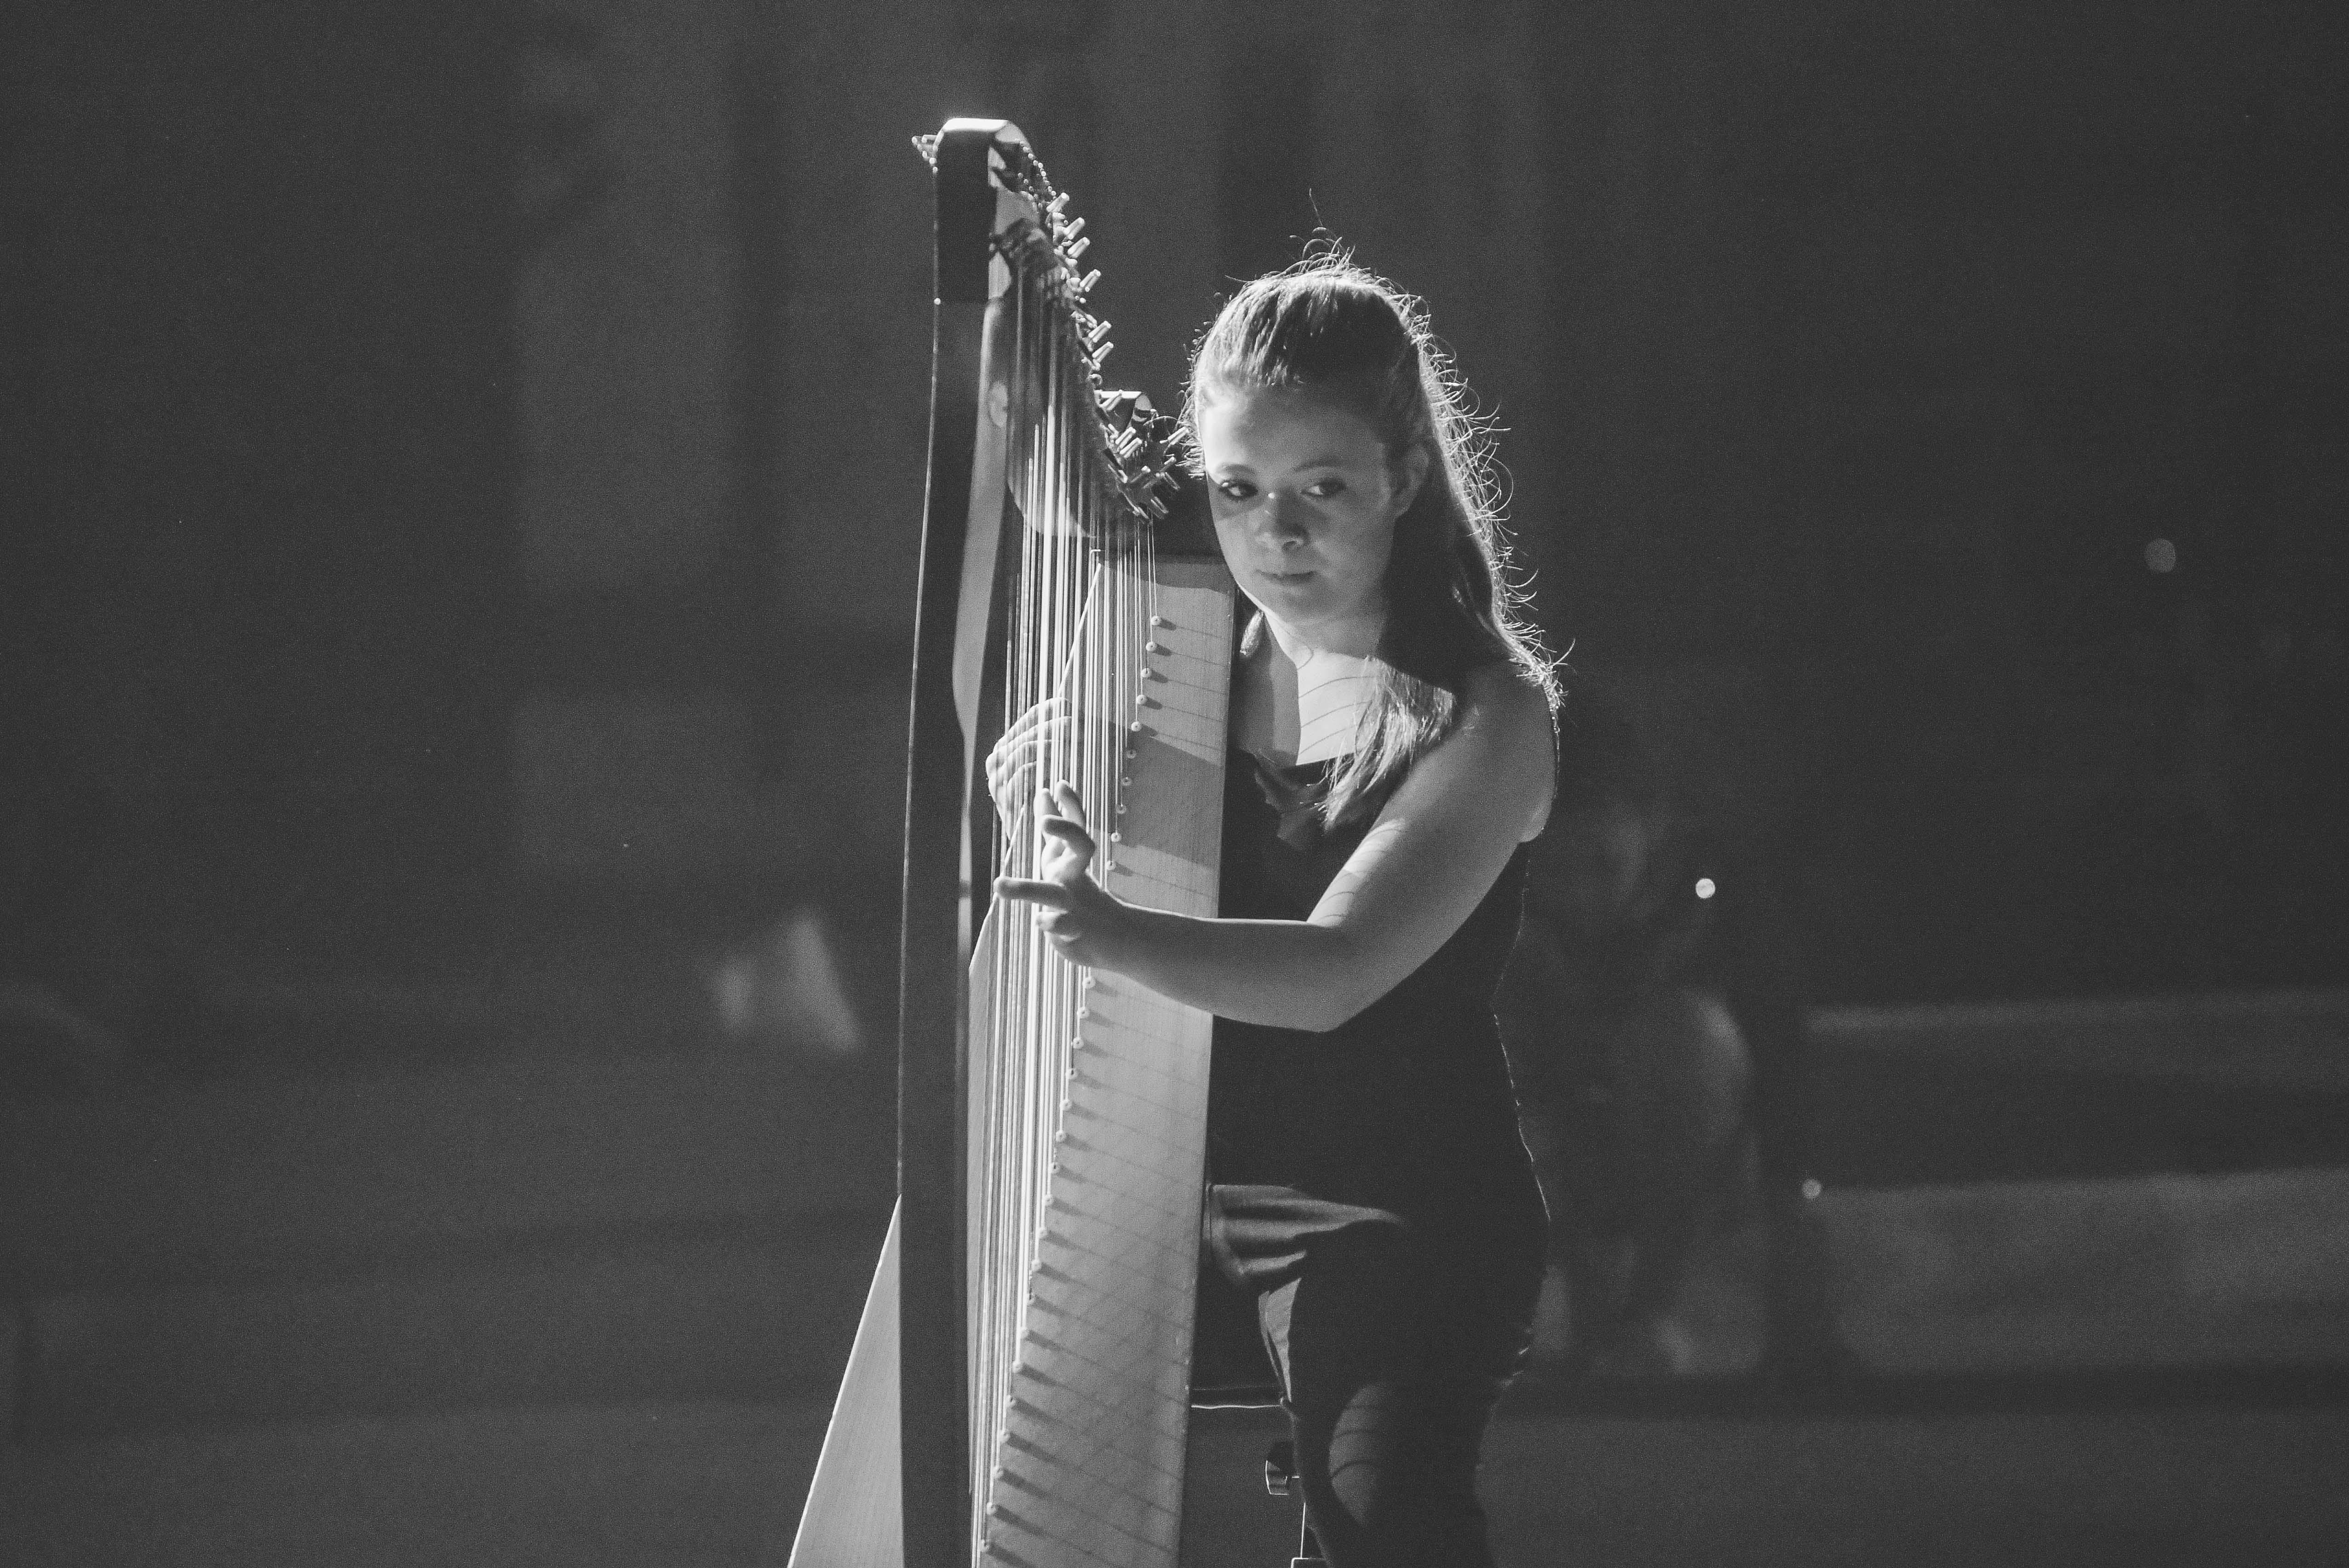 saggio-antares-2018-music-24